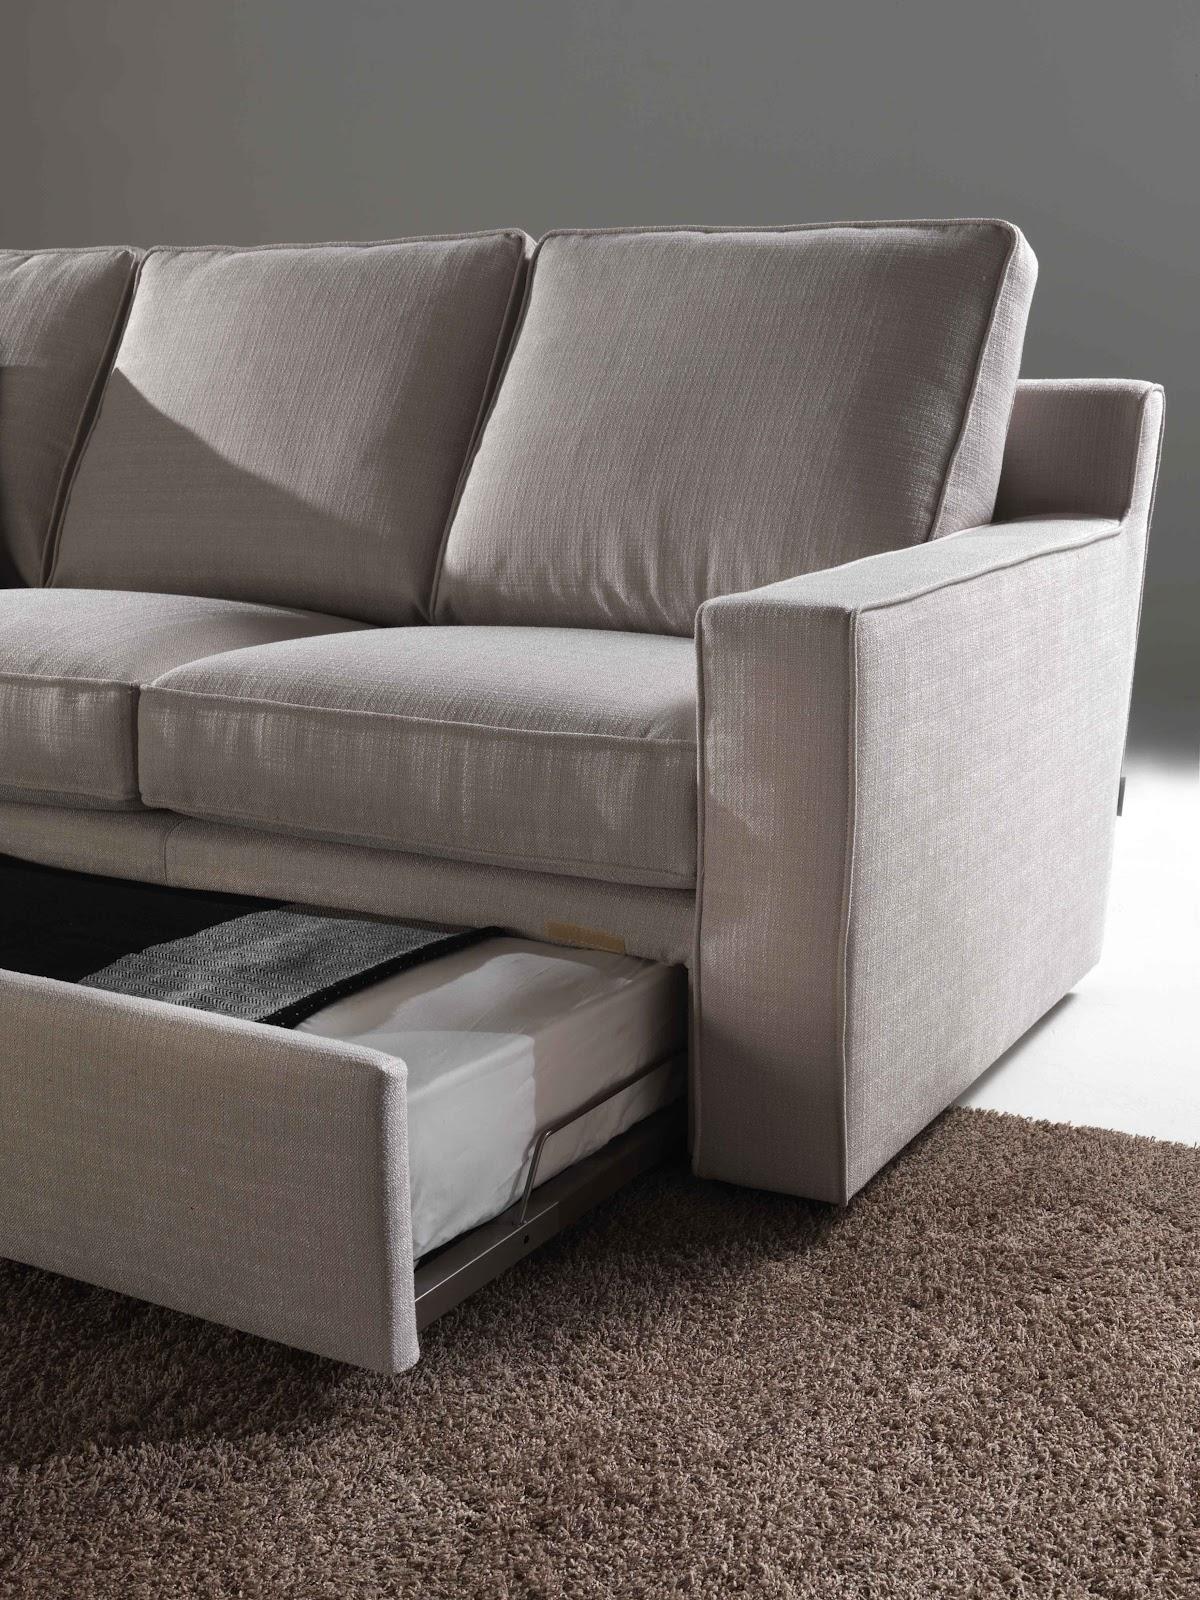 Santambrogio salotti produzione e vendita di divani e letti anche su misura il nuovo divano for Divani e divani divani letto